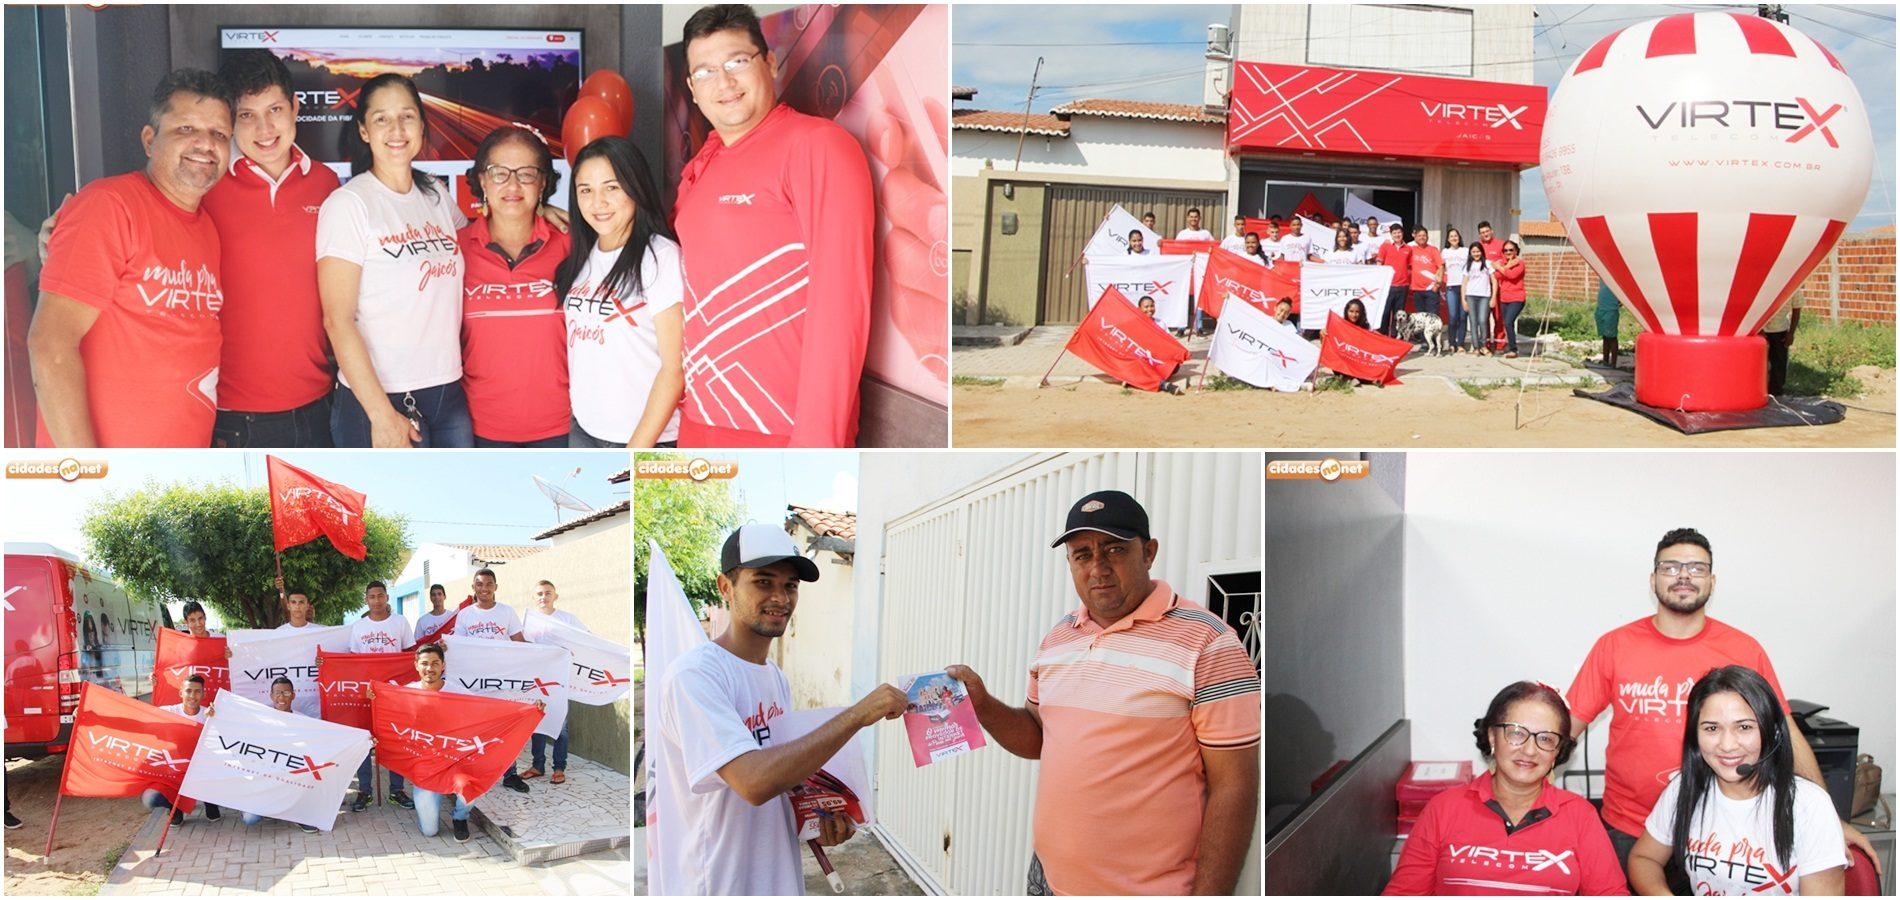 Virtex Telecom lança promoção em comemoração ao aniversário de Jaicós; confira !